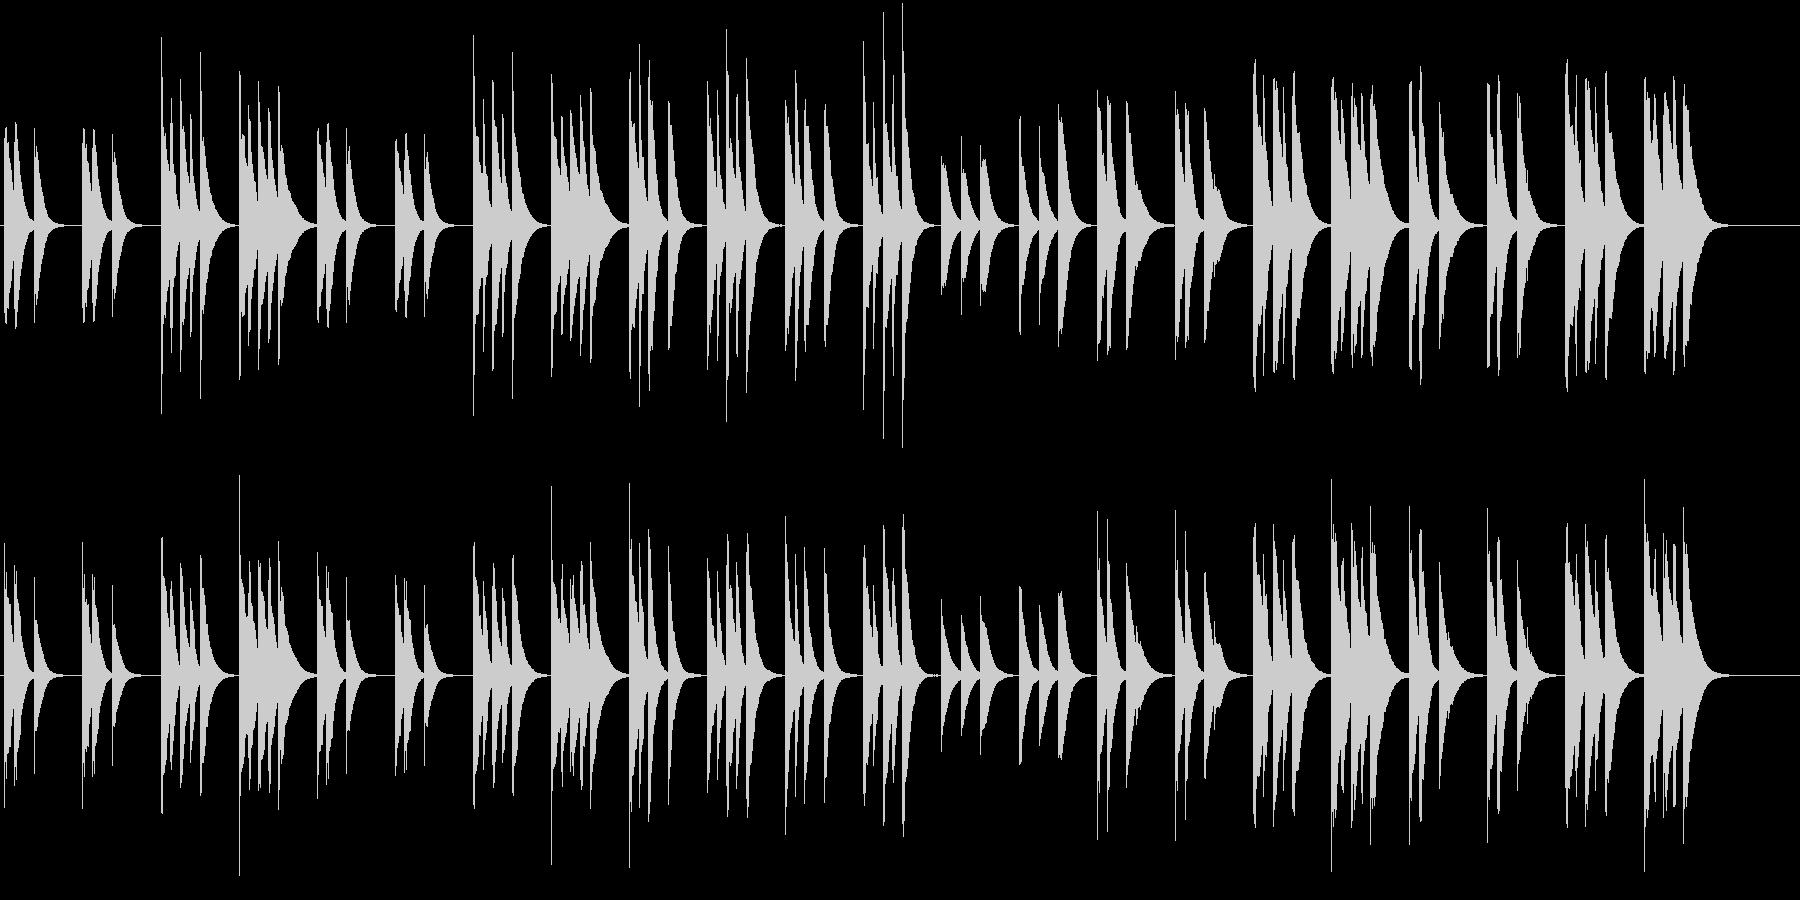 木琴の音で作ったのんびりした短い曲の未再生の波形